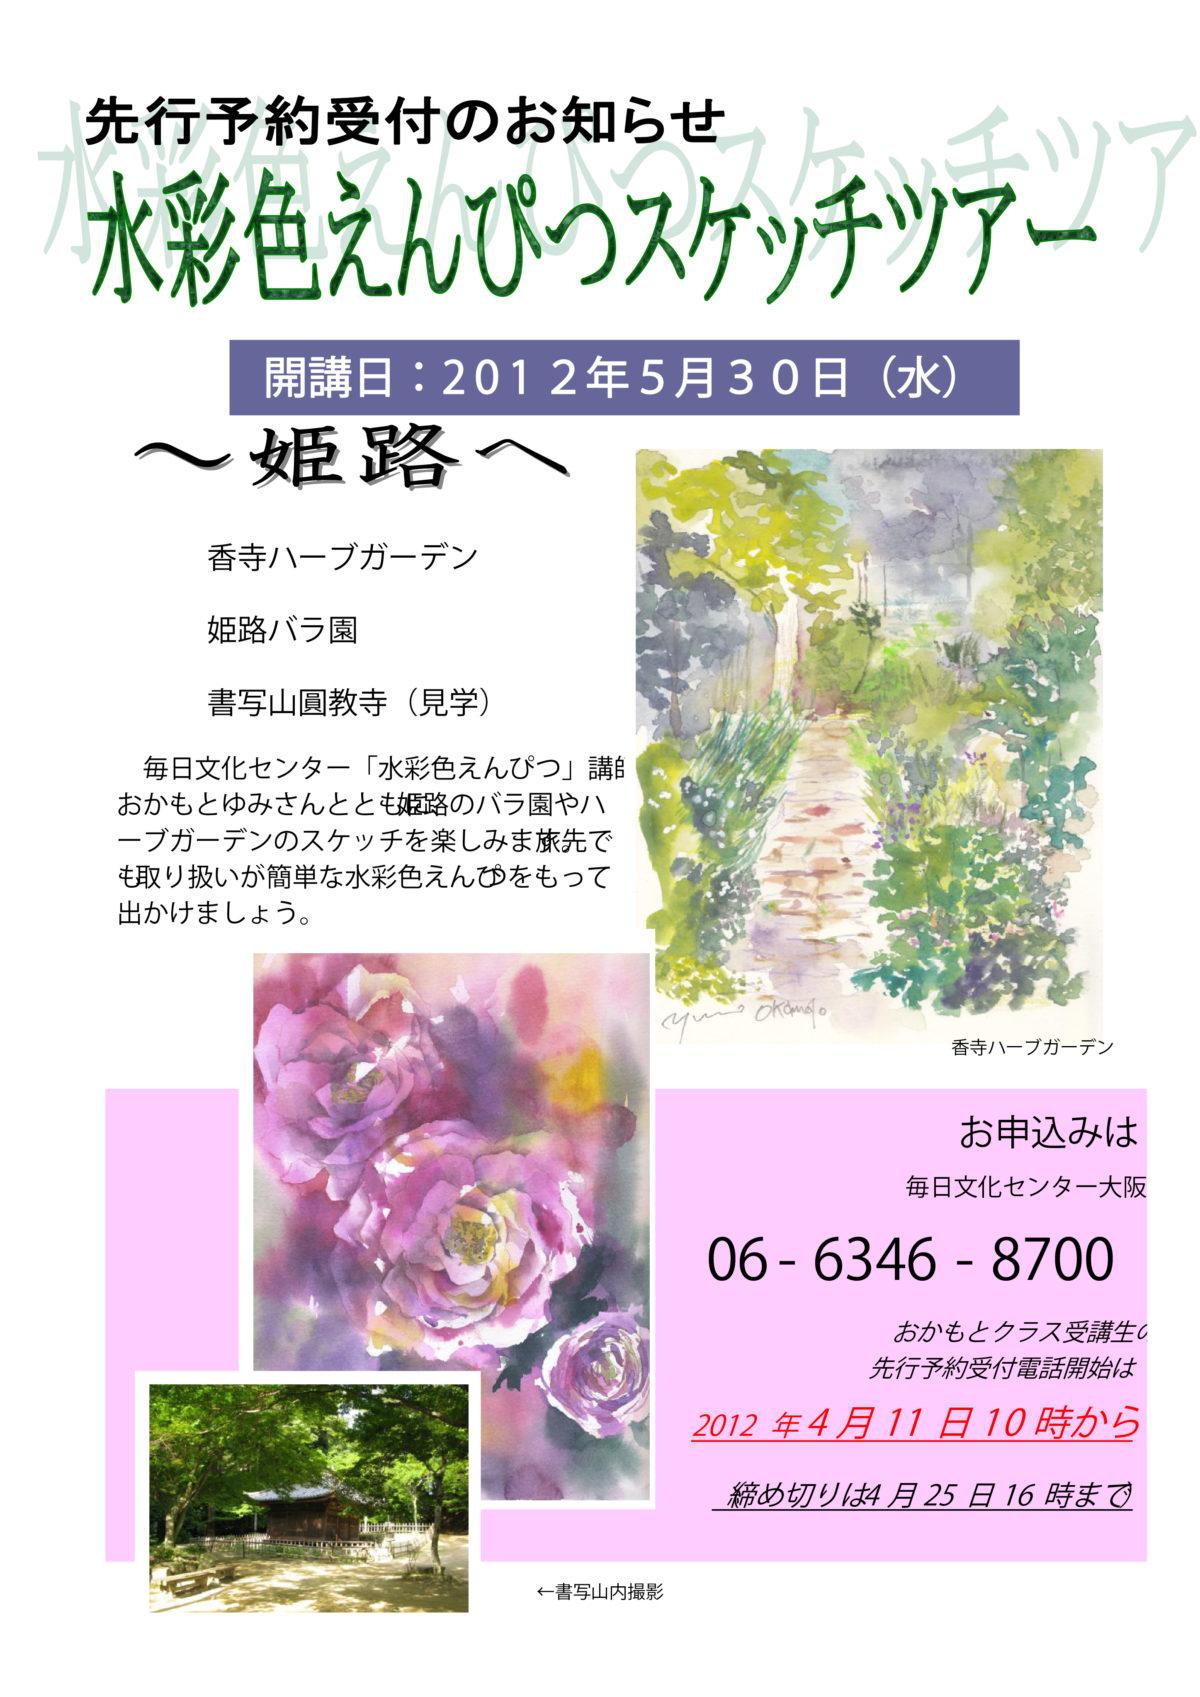 5月のスケッチツアーのお知らせ